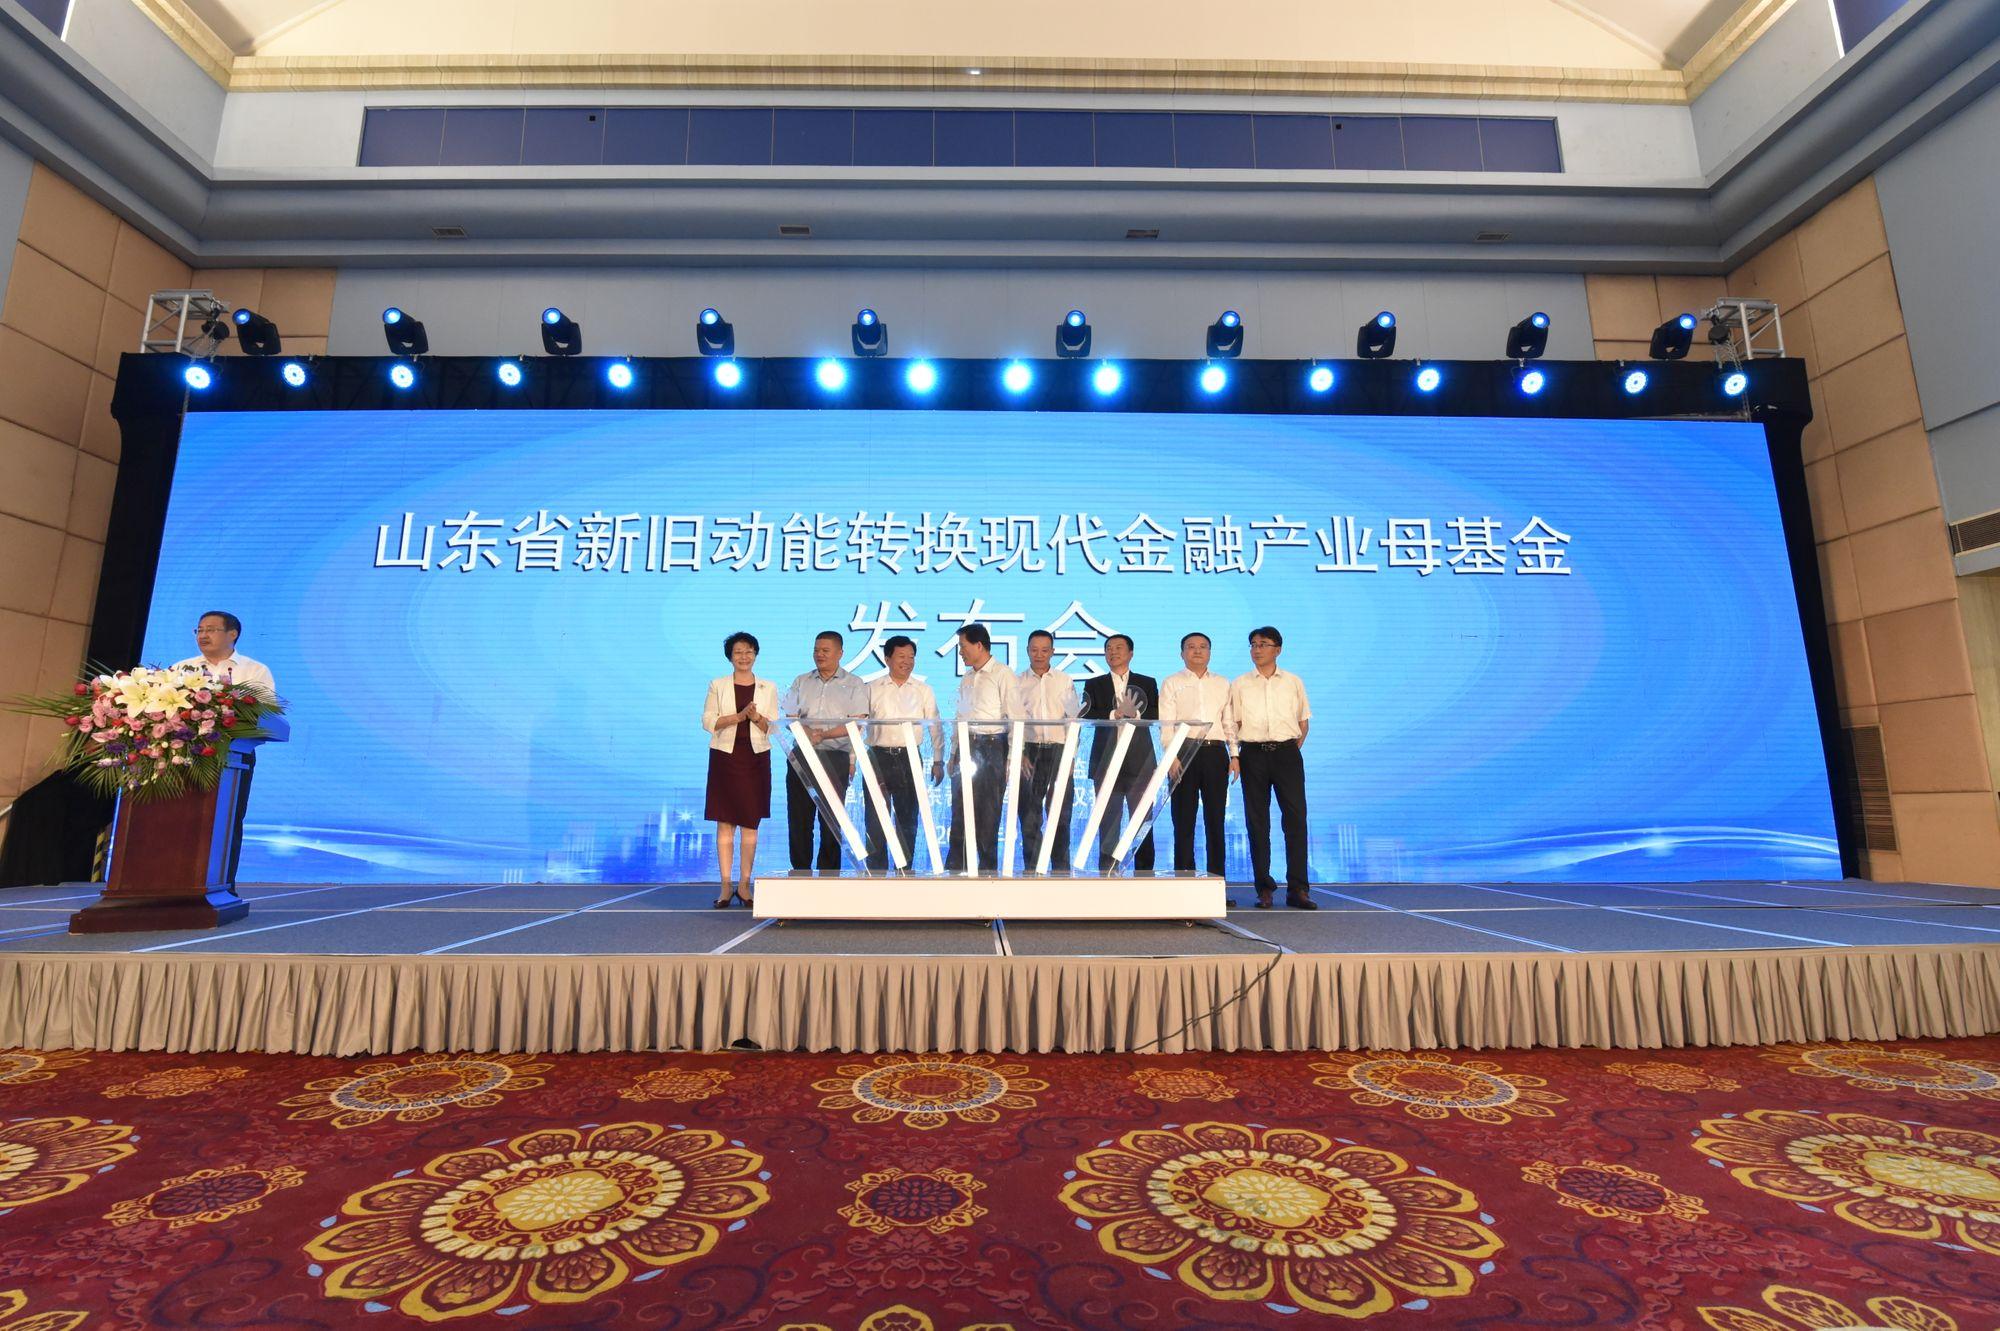 热烈祝贺!蔷薇控股参与联合发起的山东省新旧动能转换现代金融产业母基金在济南成立